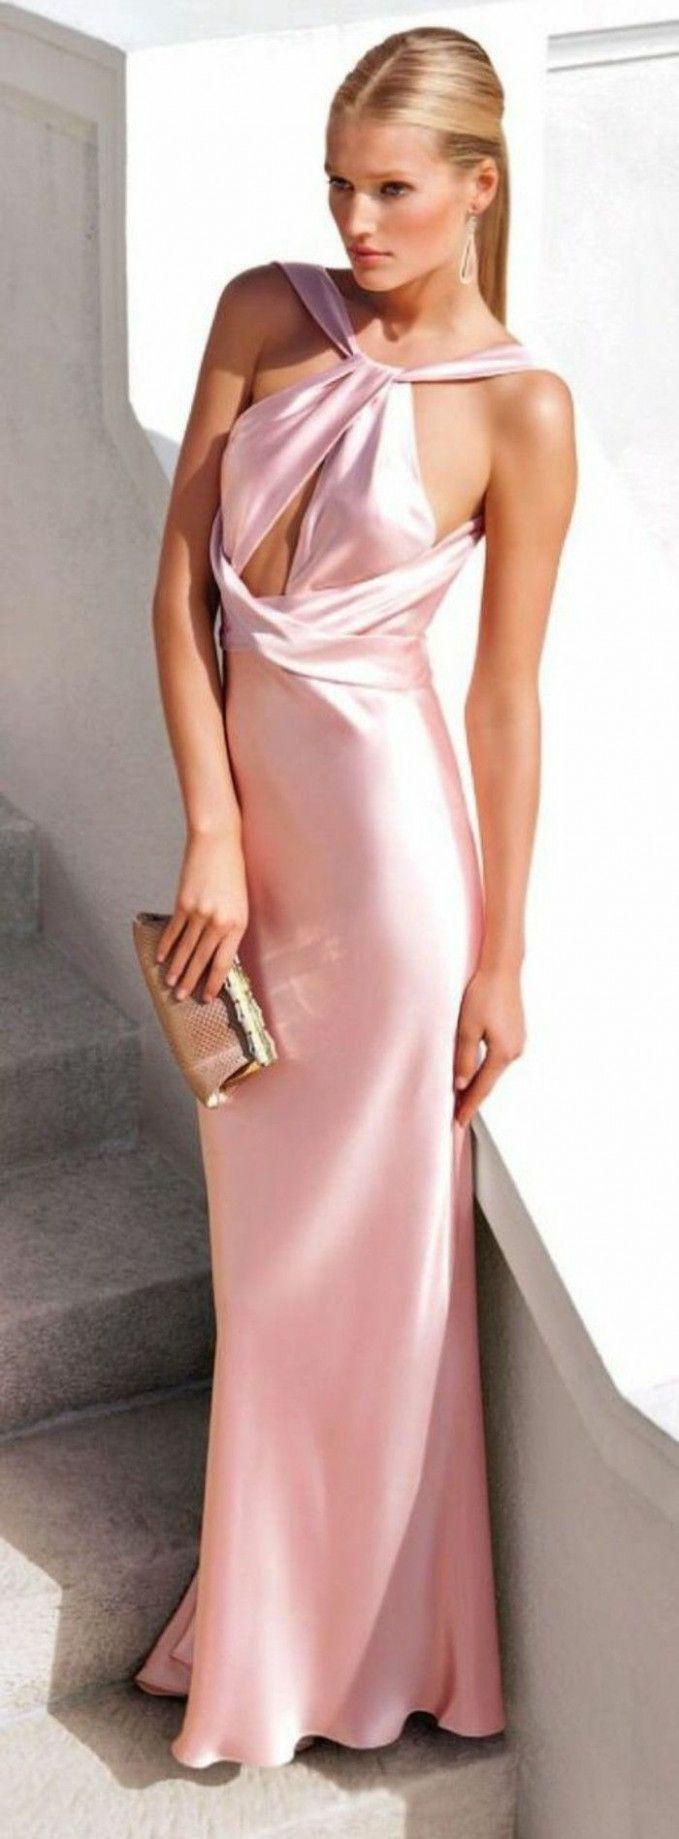 14 Elegante Kleider Für Hochzeitsgäste in 2020 | Elegante ...